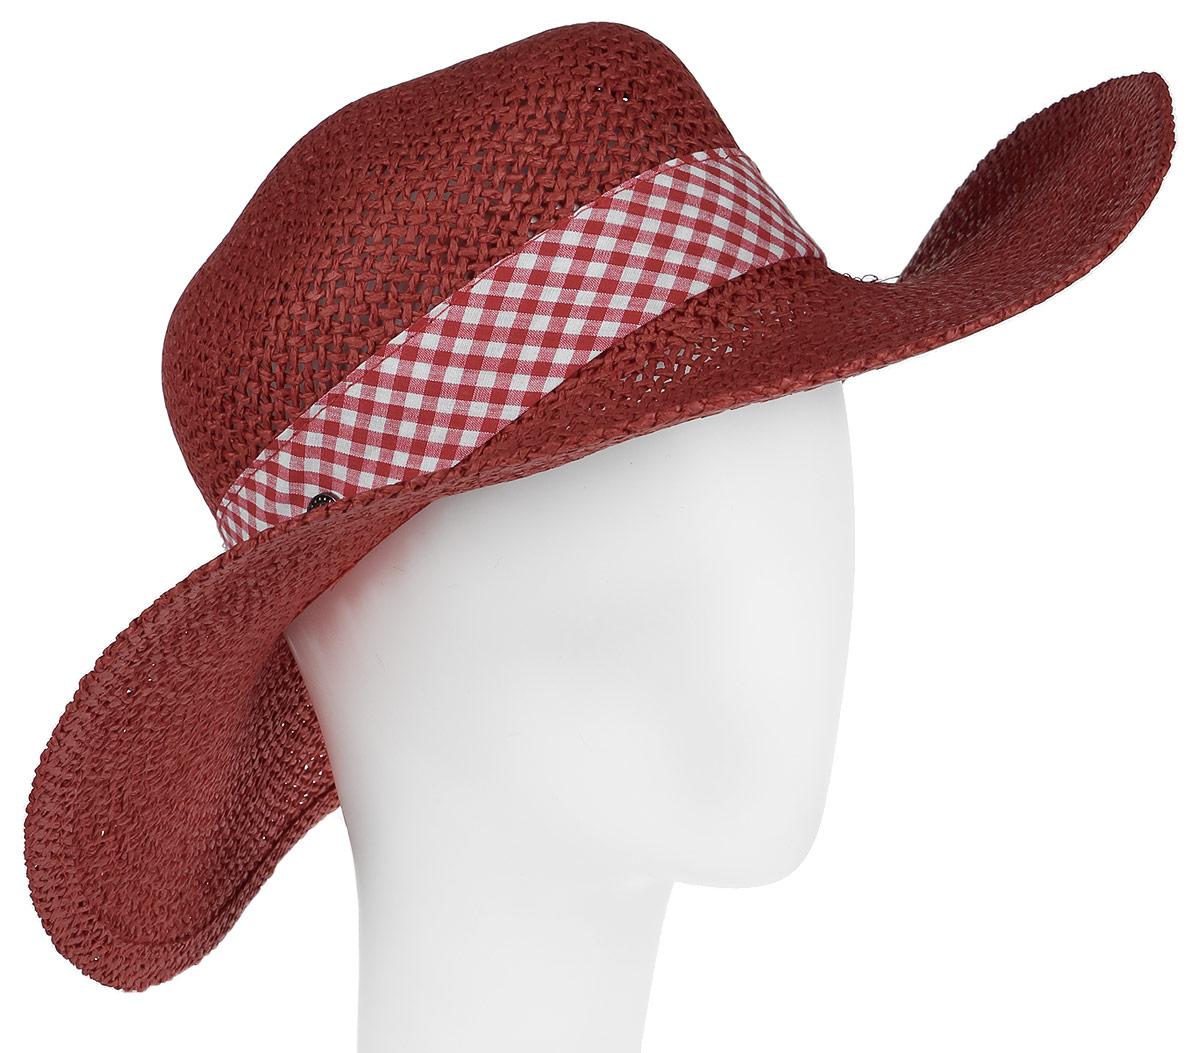 Шляпа женская R.Mountain Clara, цвет: темно-красный, белый. 77-100-18-55. Размер S (55)77-100-18-55Широкополая шляпа R.Mountain Clara украсит любой наряд.Она дополнена вокруг тульи широкой лентой с принтом в клетку, завязанной в бант. Благодаря своей форме, шляпа удобно садится по голове и подойдет к любому стилю. Модель легко восстанавливает свою форму после сжатия.Такая шляпка подчеркнет вашу неповторимость и дополнит ваш повседневный образ.